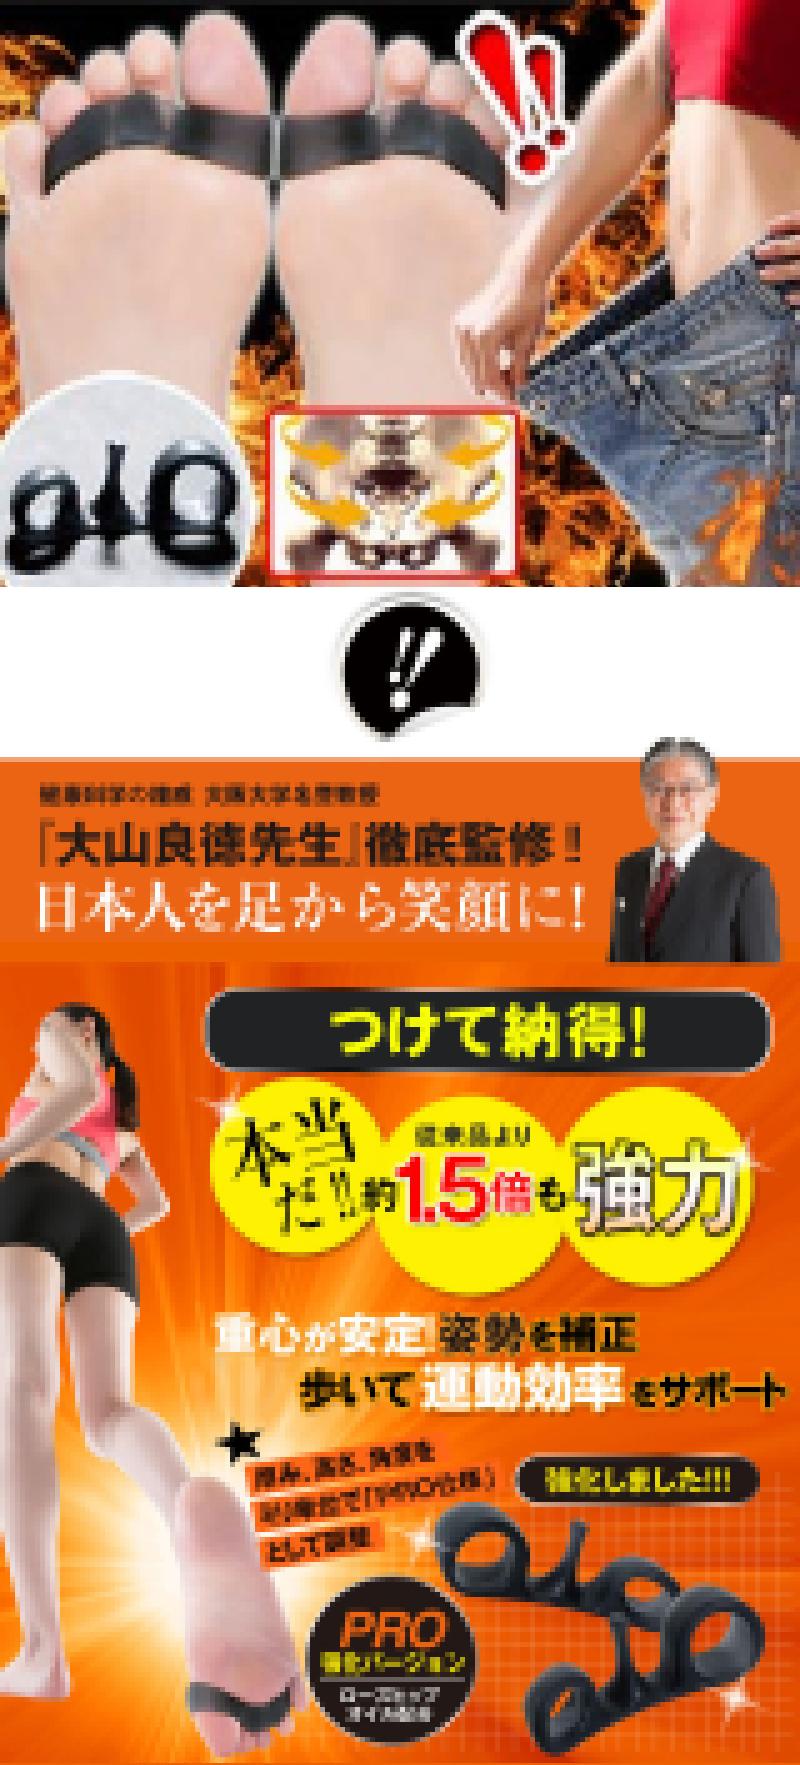 ooyama001